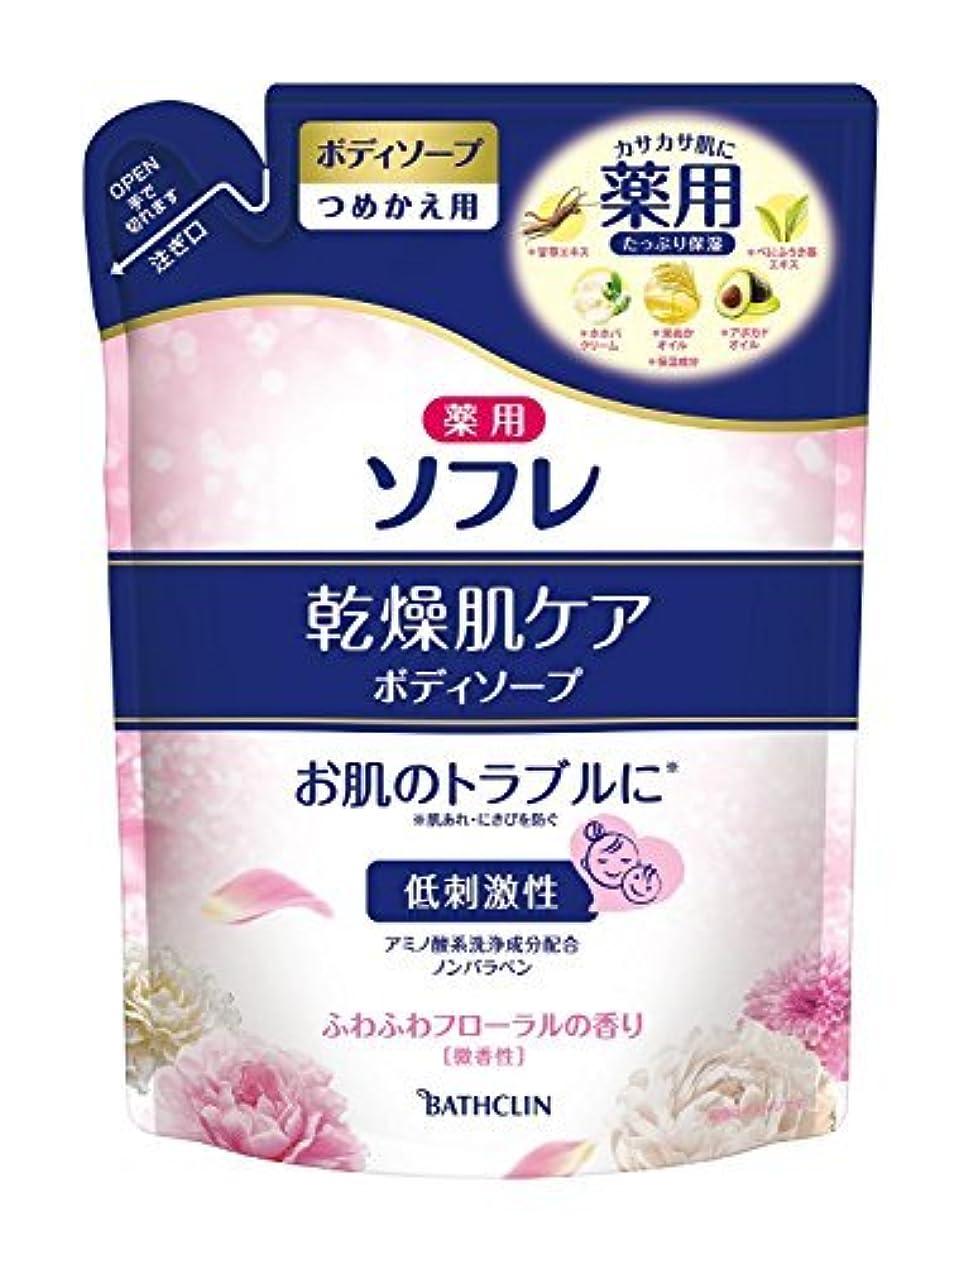 もの平和的控える薬用ソフレ 乾燥肌ケアボディ詰替 × 12個セット